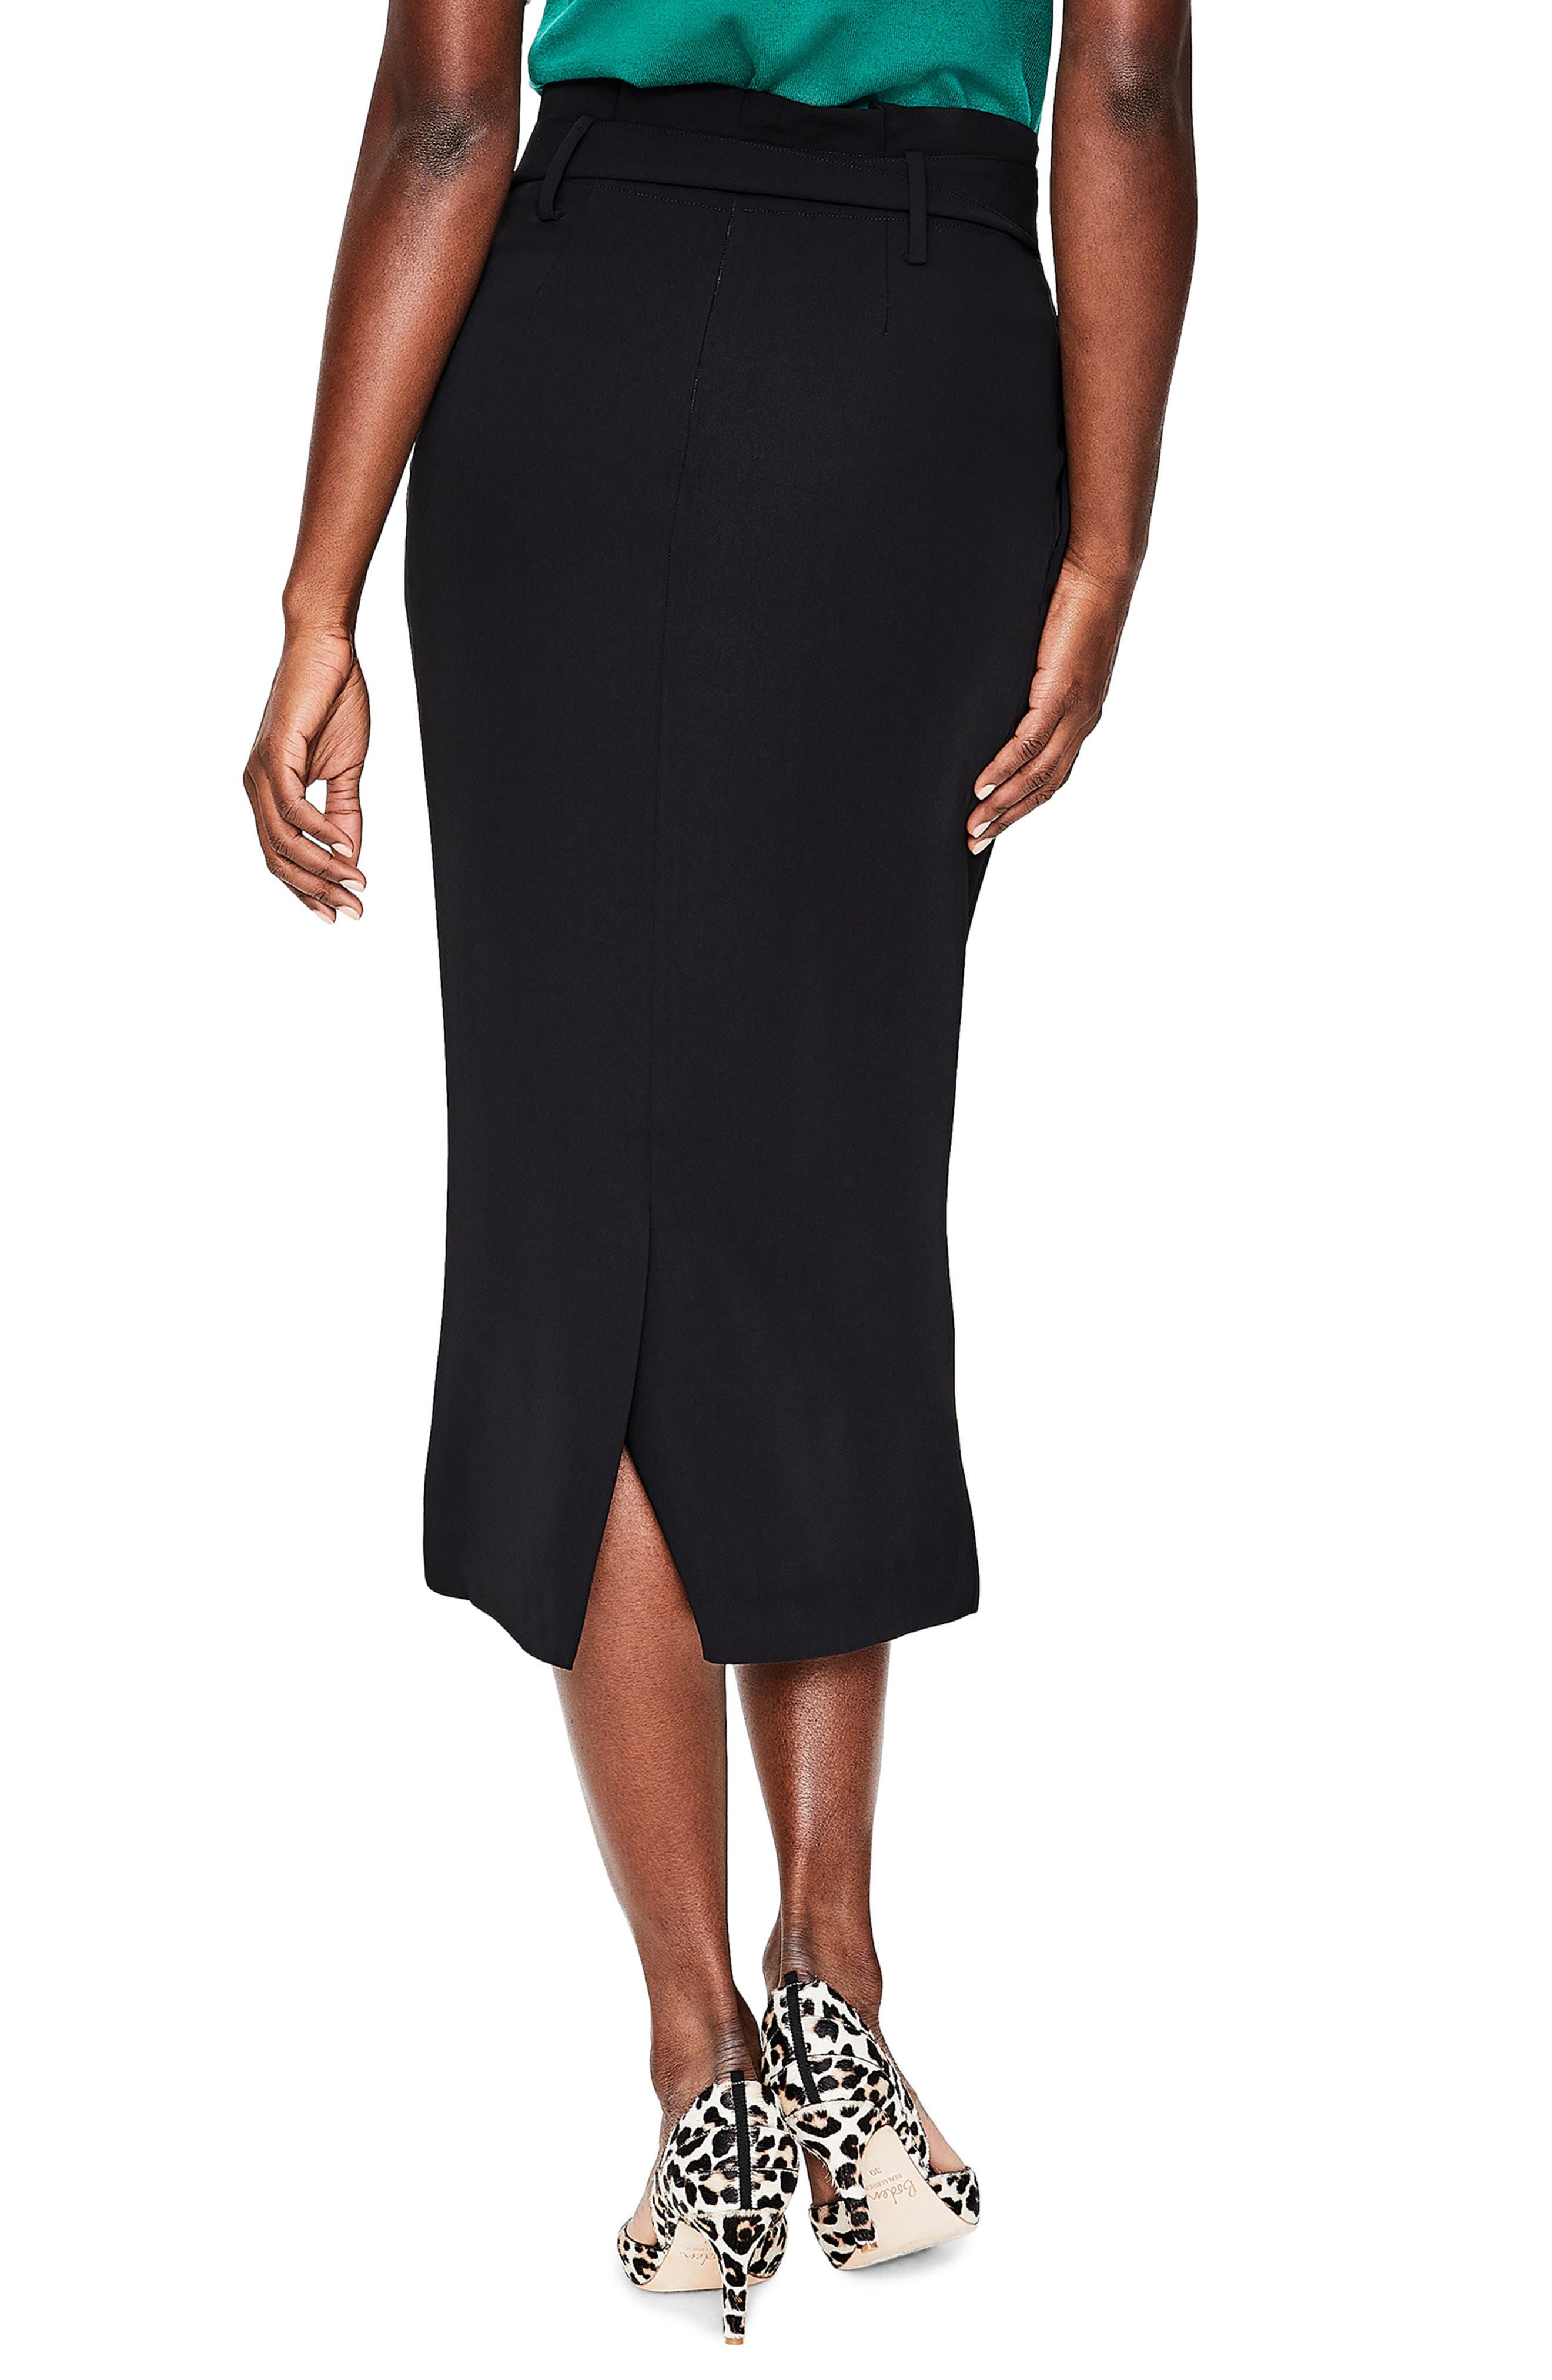 941f657babd Boden Full Skirt Maxi Dress - Data Dynamic AG